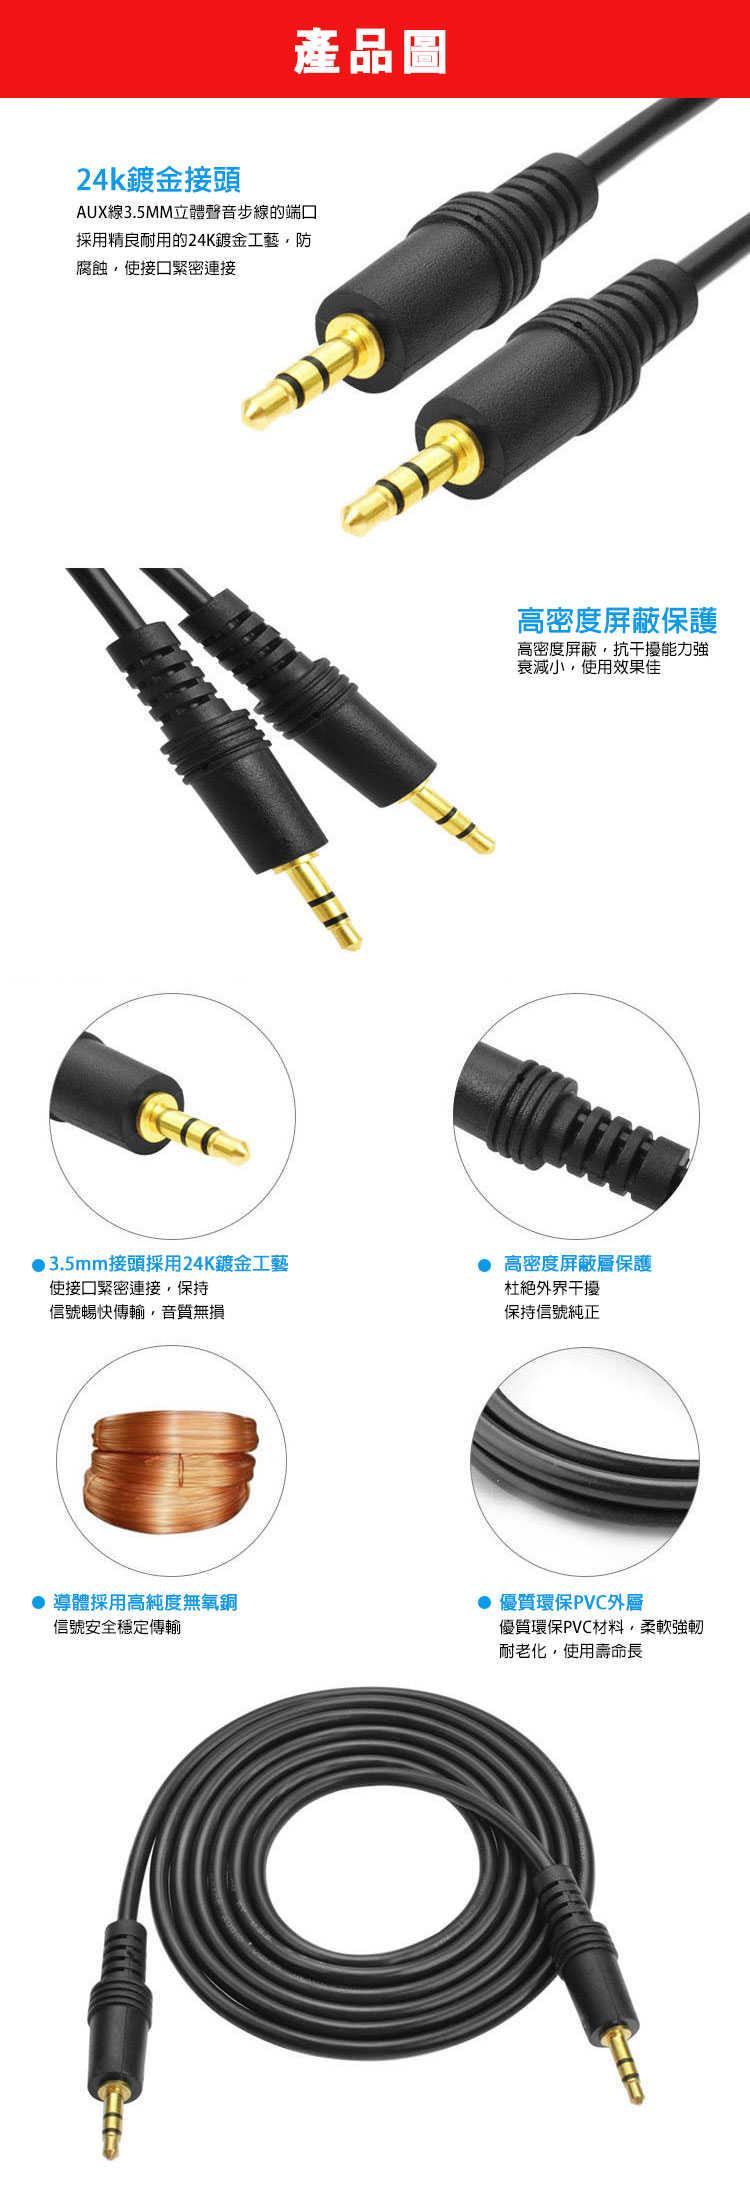 高保真3.5mm公對公AUX音源線 10米 (高純度無氧銅)